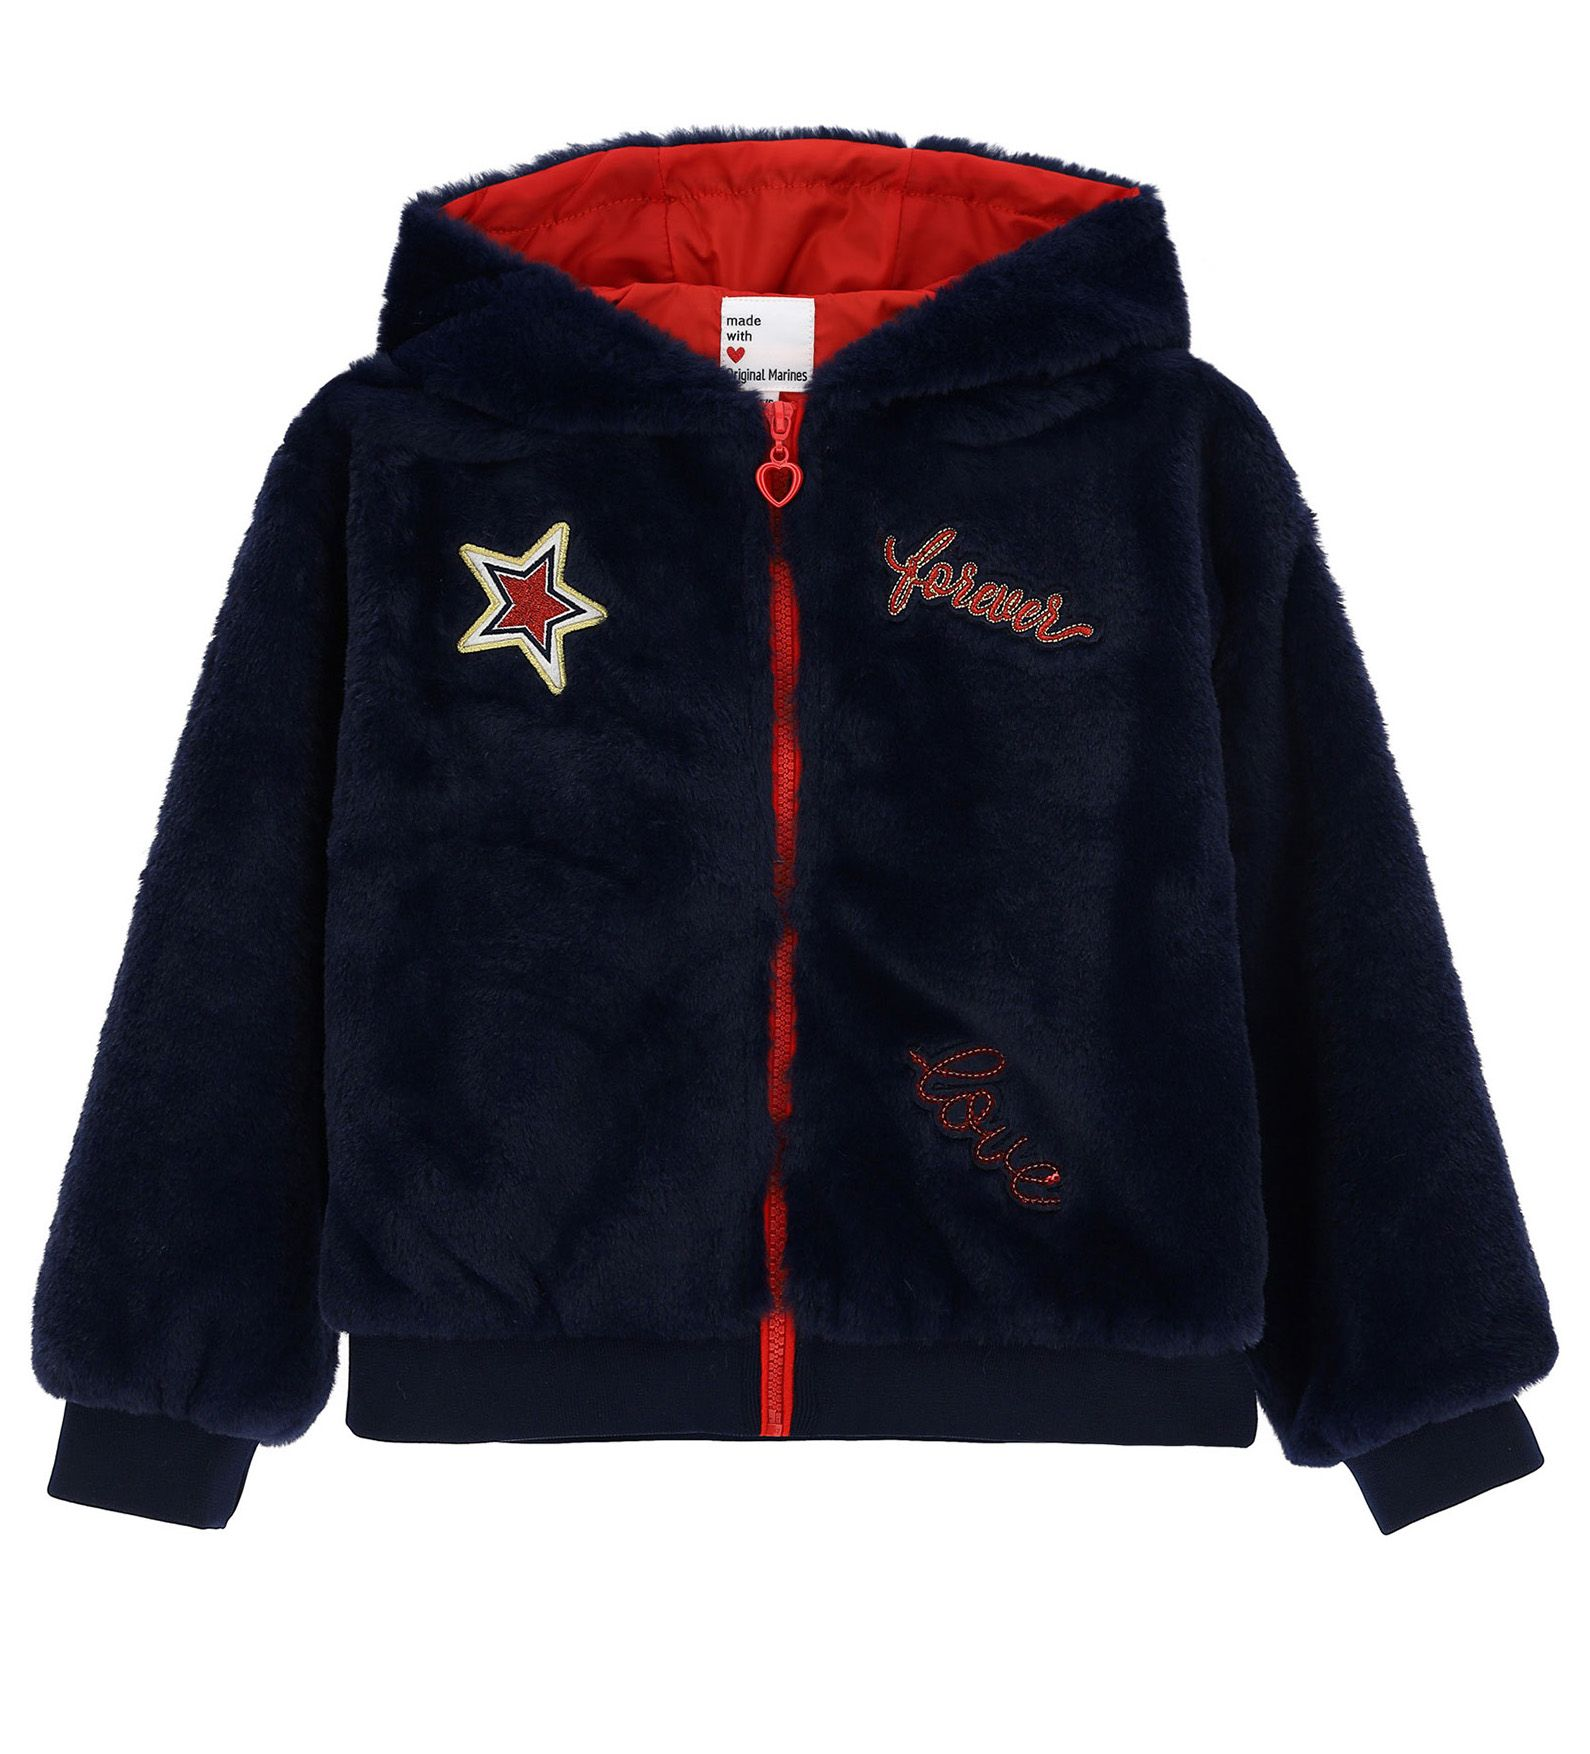 Купить Куртка экомех Original Marines, синий, 98, Девочки, зима